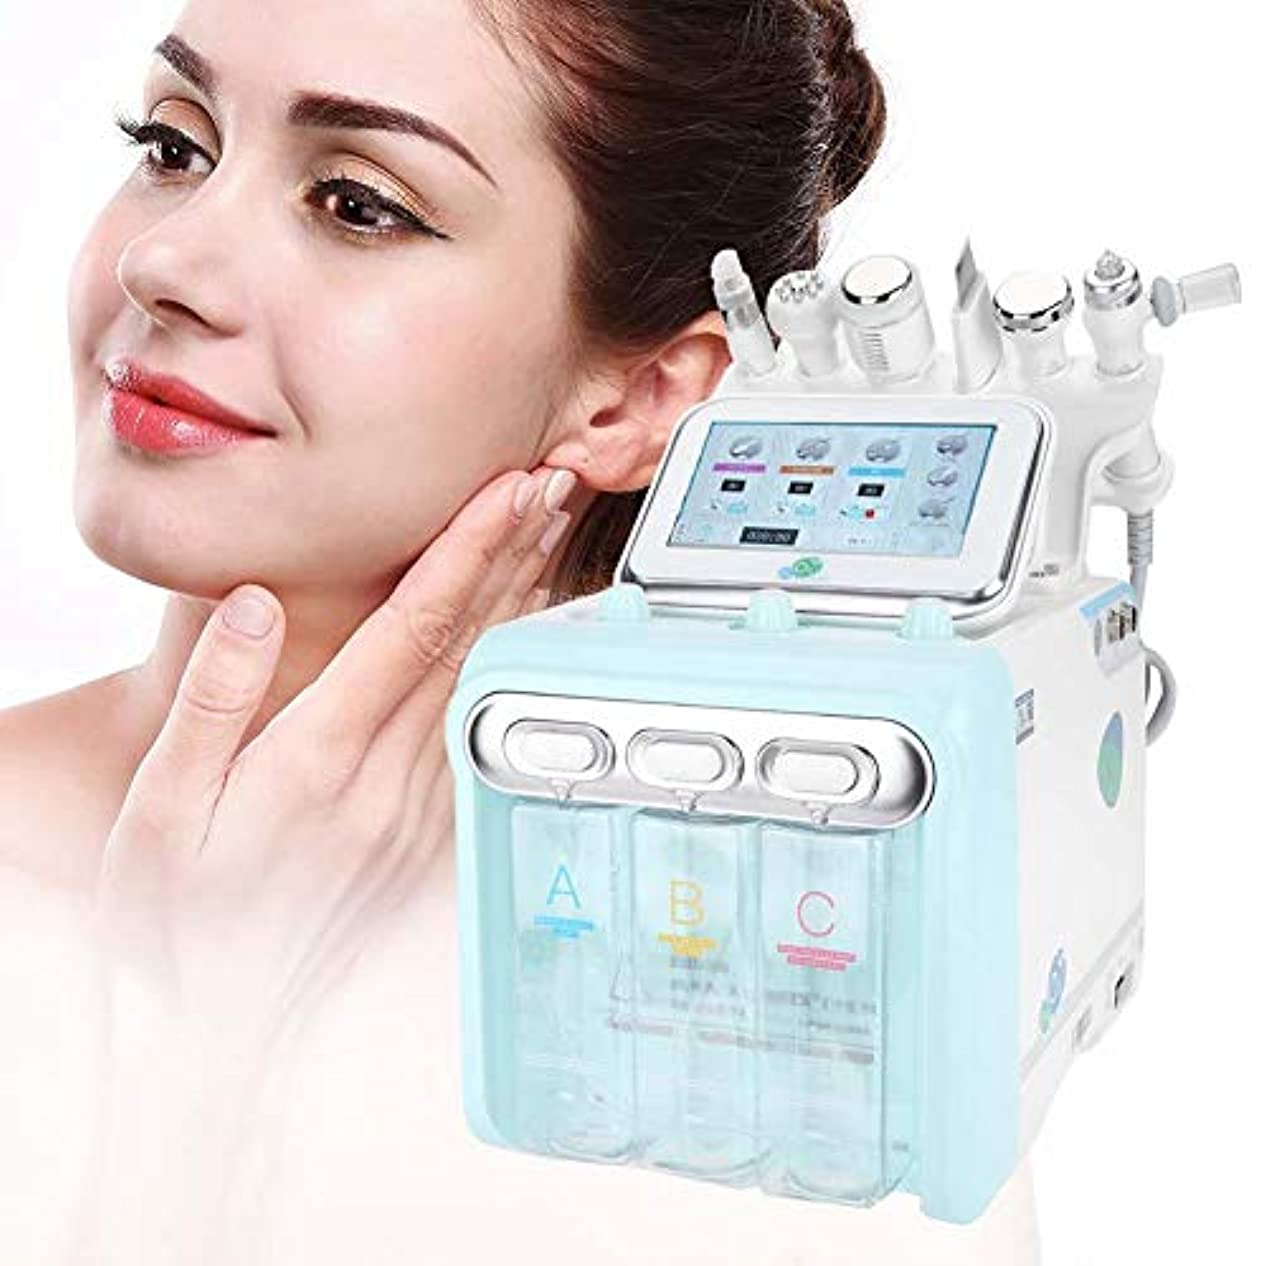 合理化電話するショップフェイスケアマシン、6で1プロフェッショナル水素酸素美容デバイス、水注入器具、スパサロン機器クリーニング肌の若返り(EUプラグ)